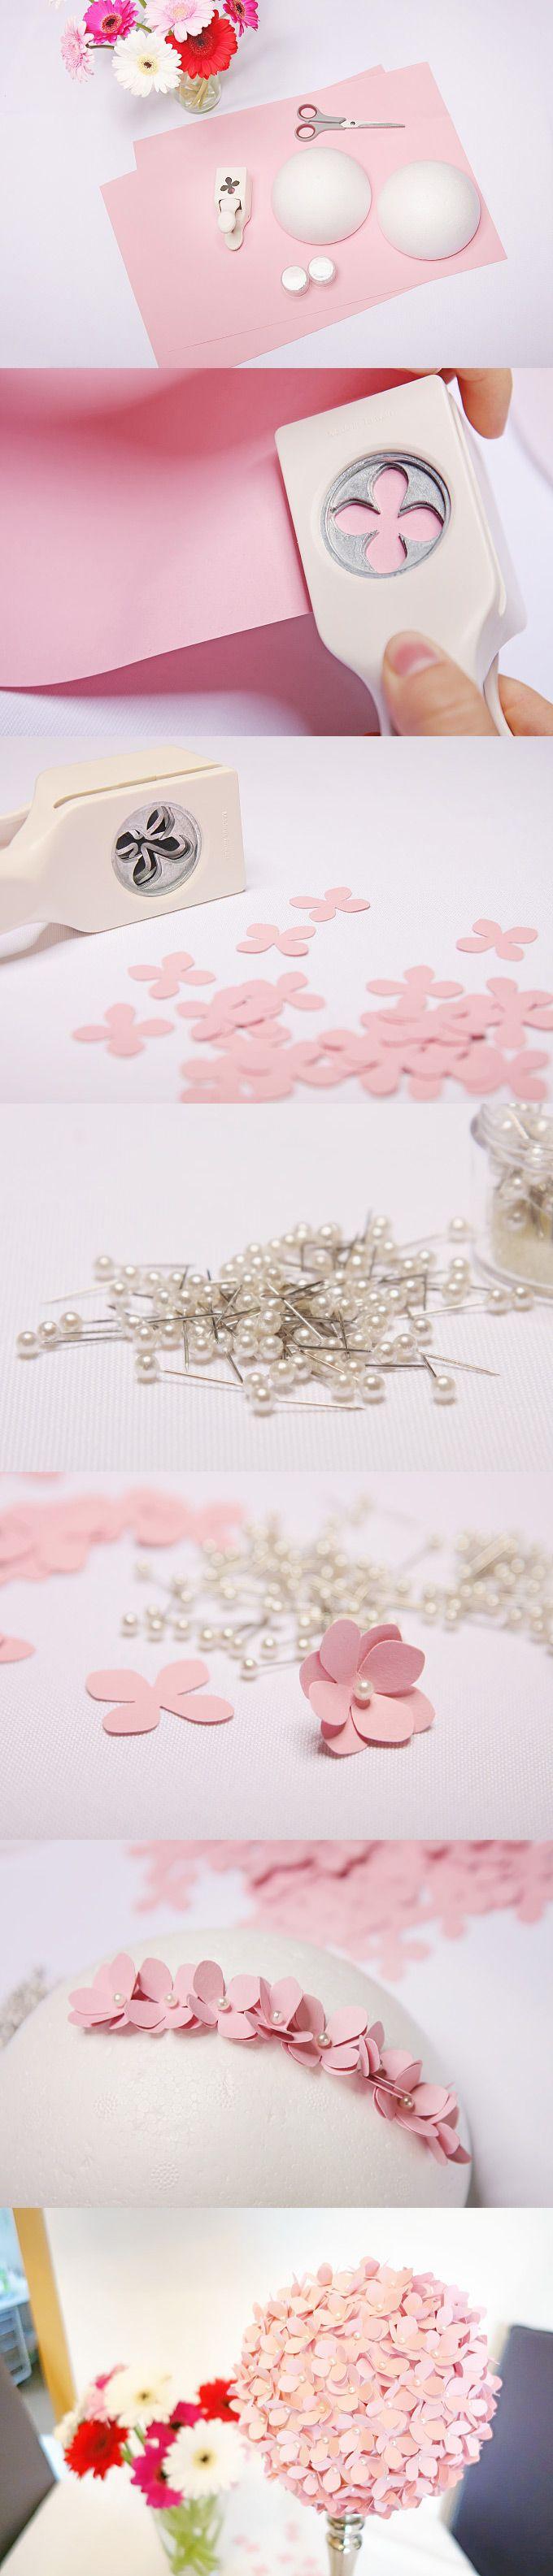 Ihr möchtet noch etwas hübsches für die #Dekoration eurer #Hochzeit selber #basteln? Wir haben aus Tonzeichenpapier, einen Ausstanzer und einigen anderen Sachen einen hübschen #PomPom gemacht. Hier sehr ihr die Schritt für Schritt Anleitung :-)  #Wedding #Deko #Decoration #Rosa #Rose